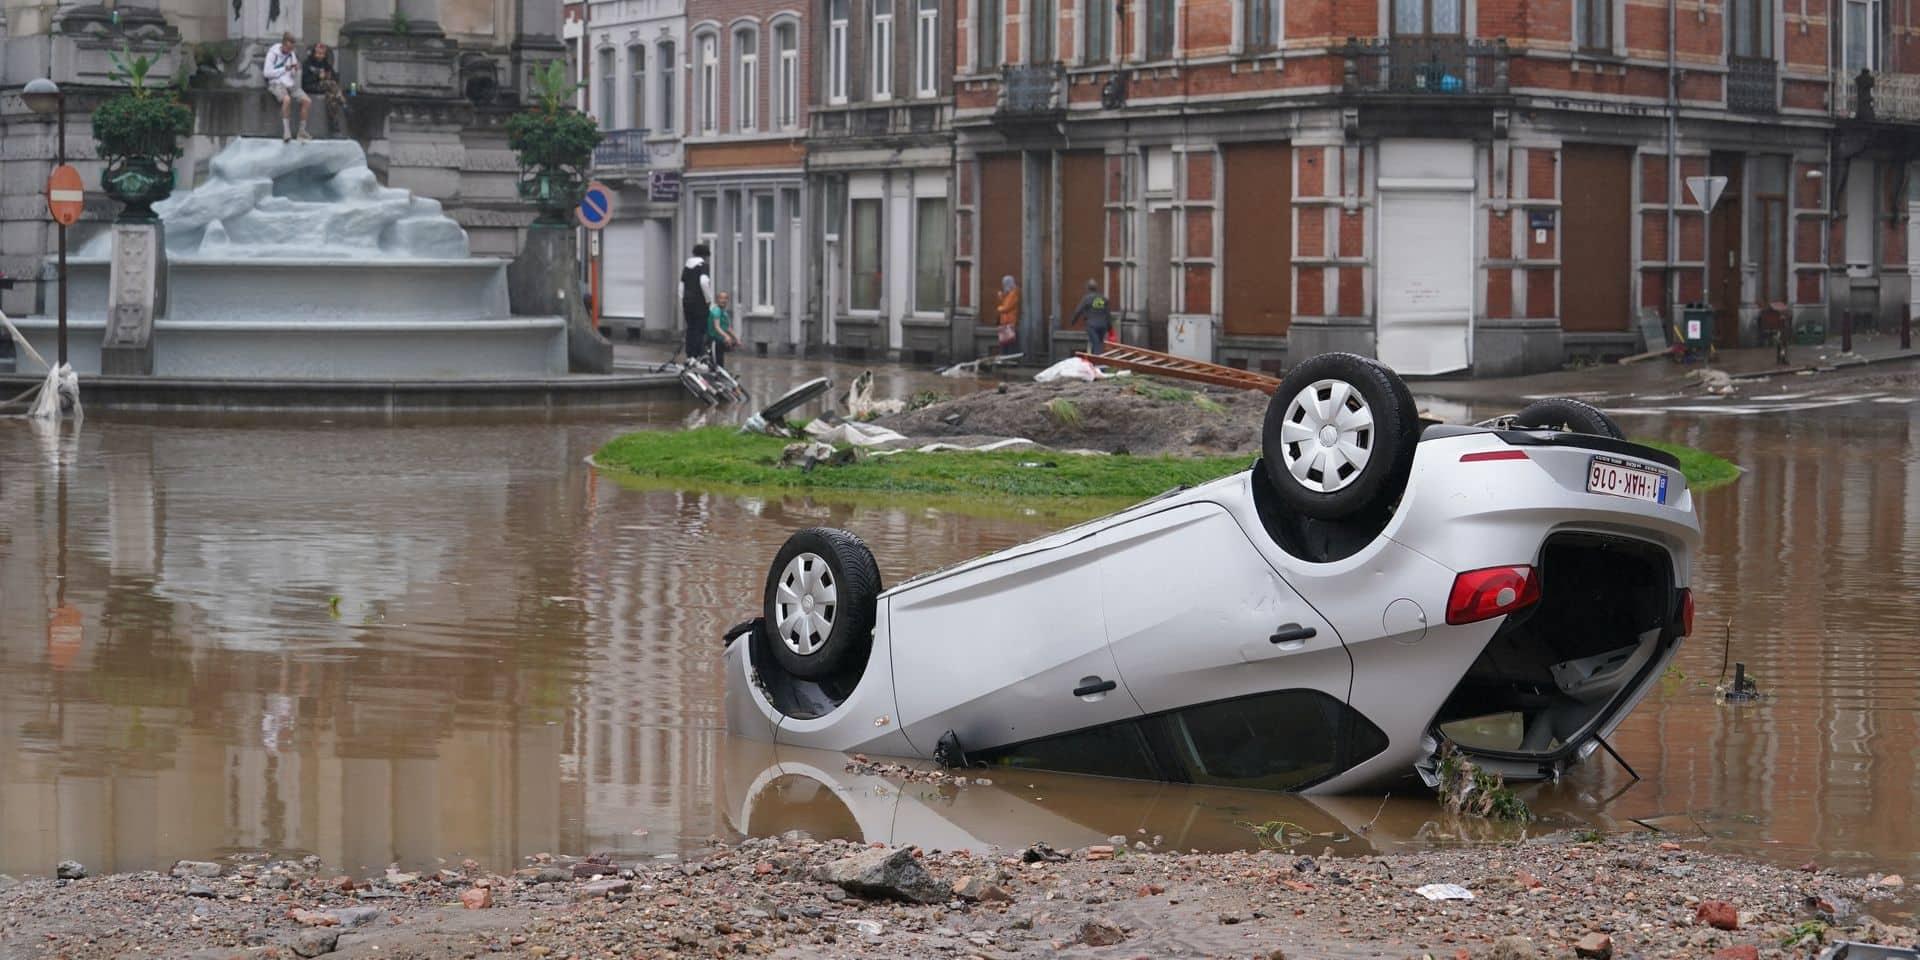 Le bilan s'alourdit: 20 décès confirmés en province de Liège